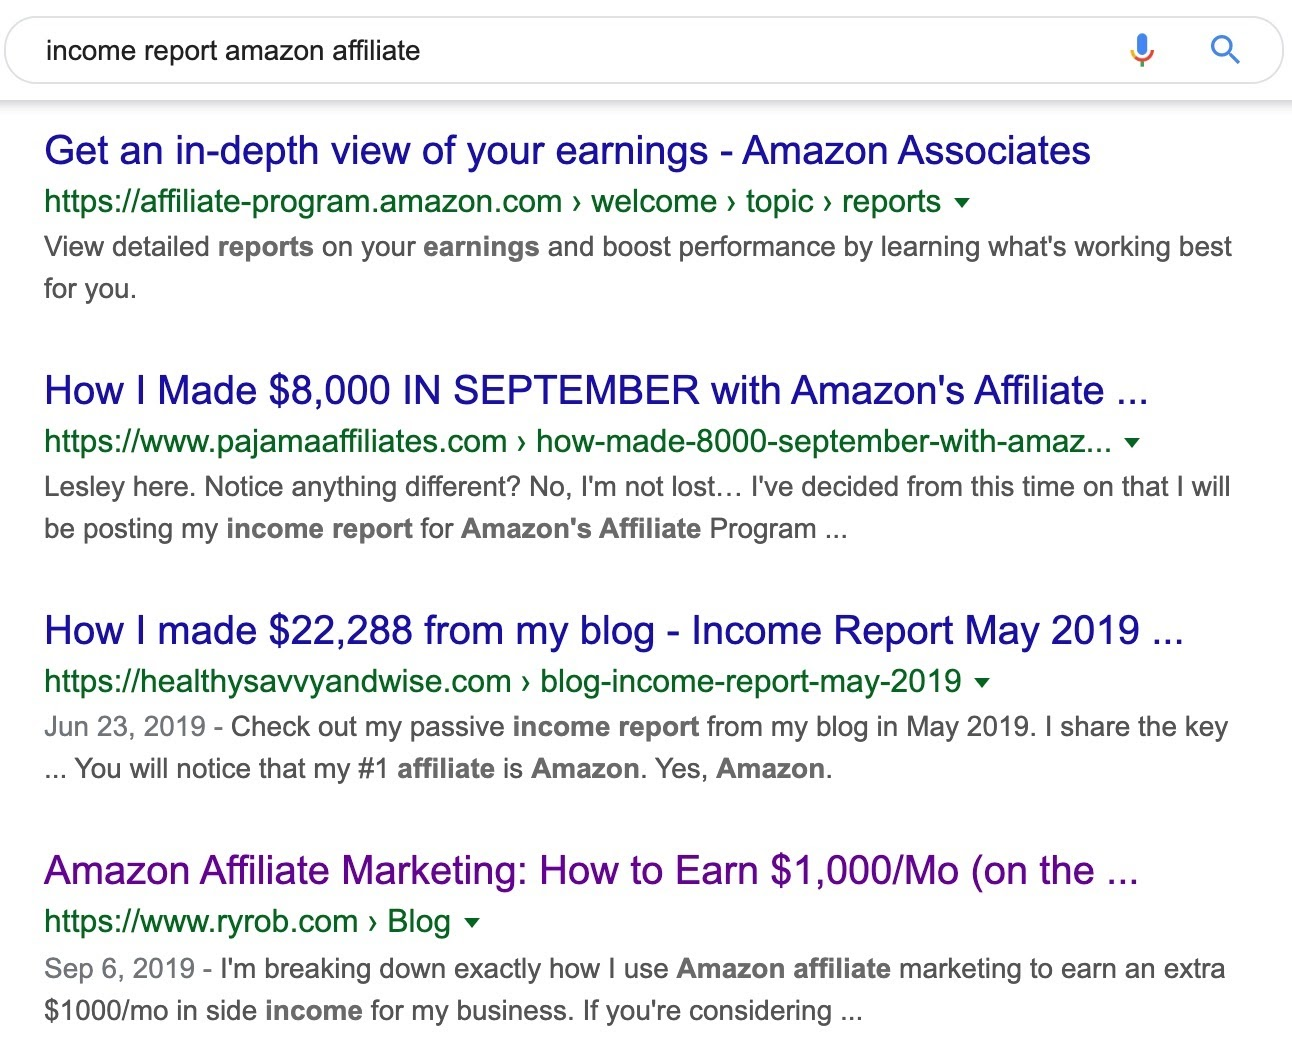 income report amazon affiliate Google Search 2